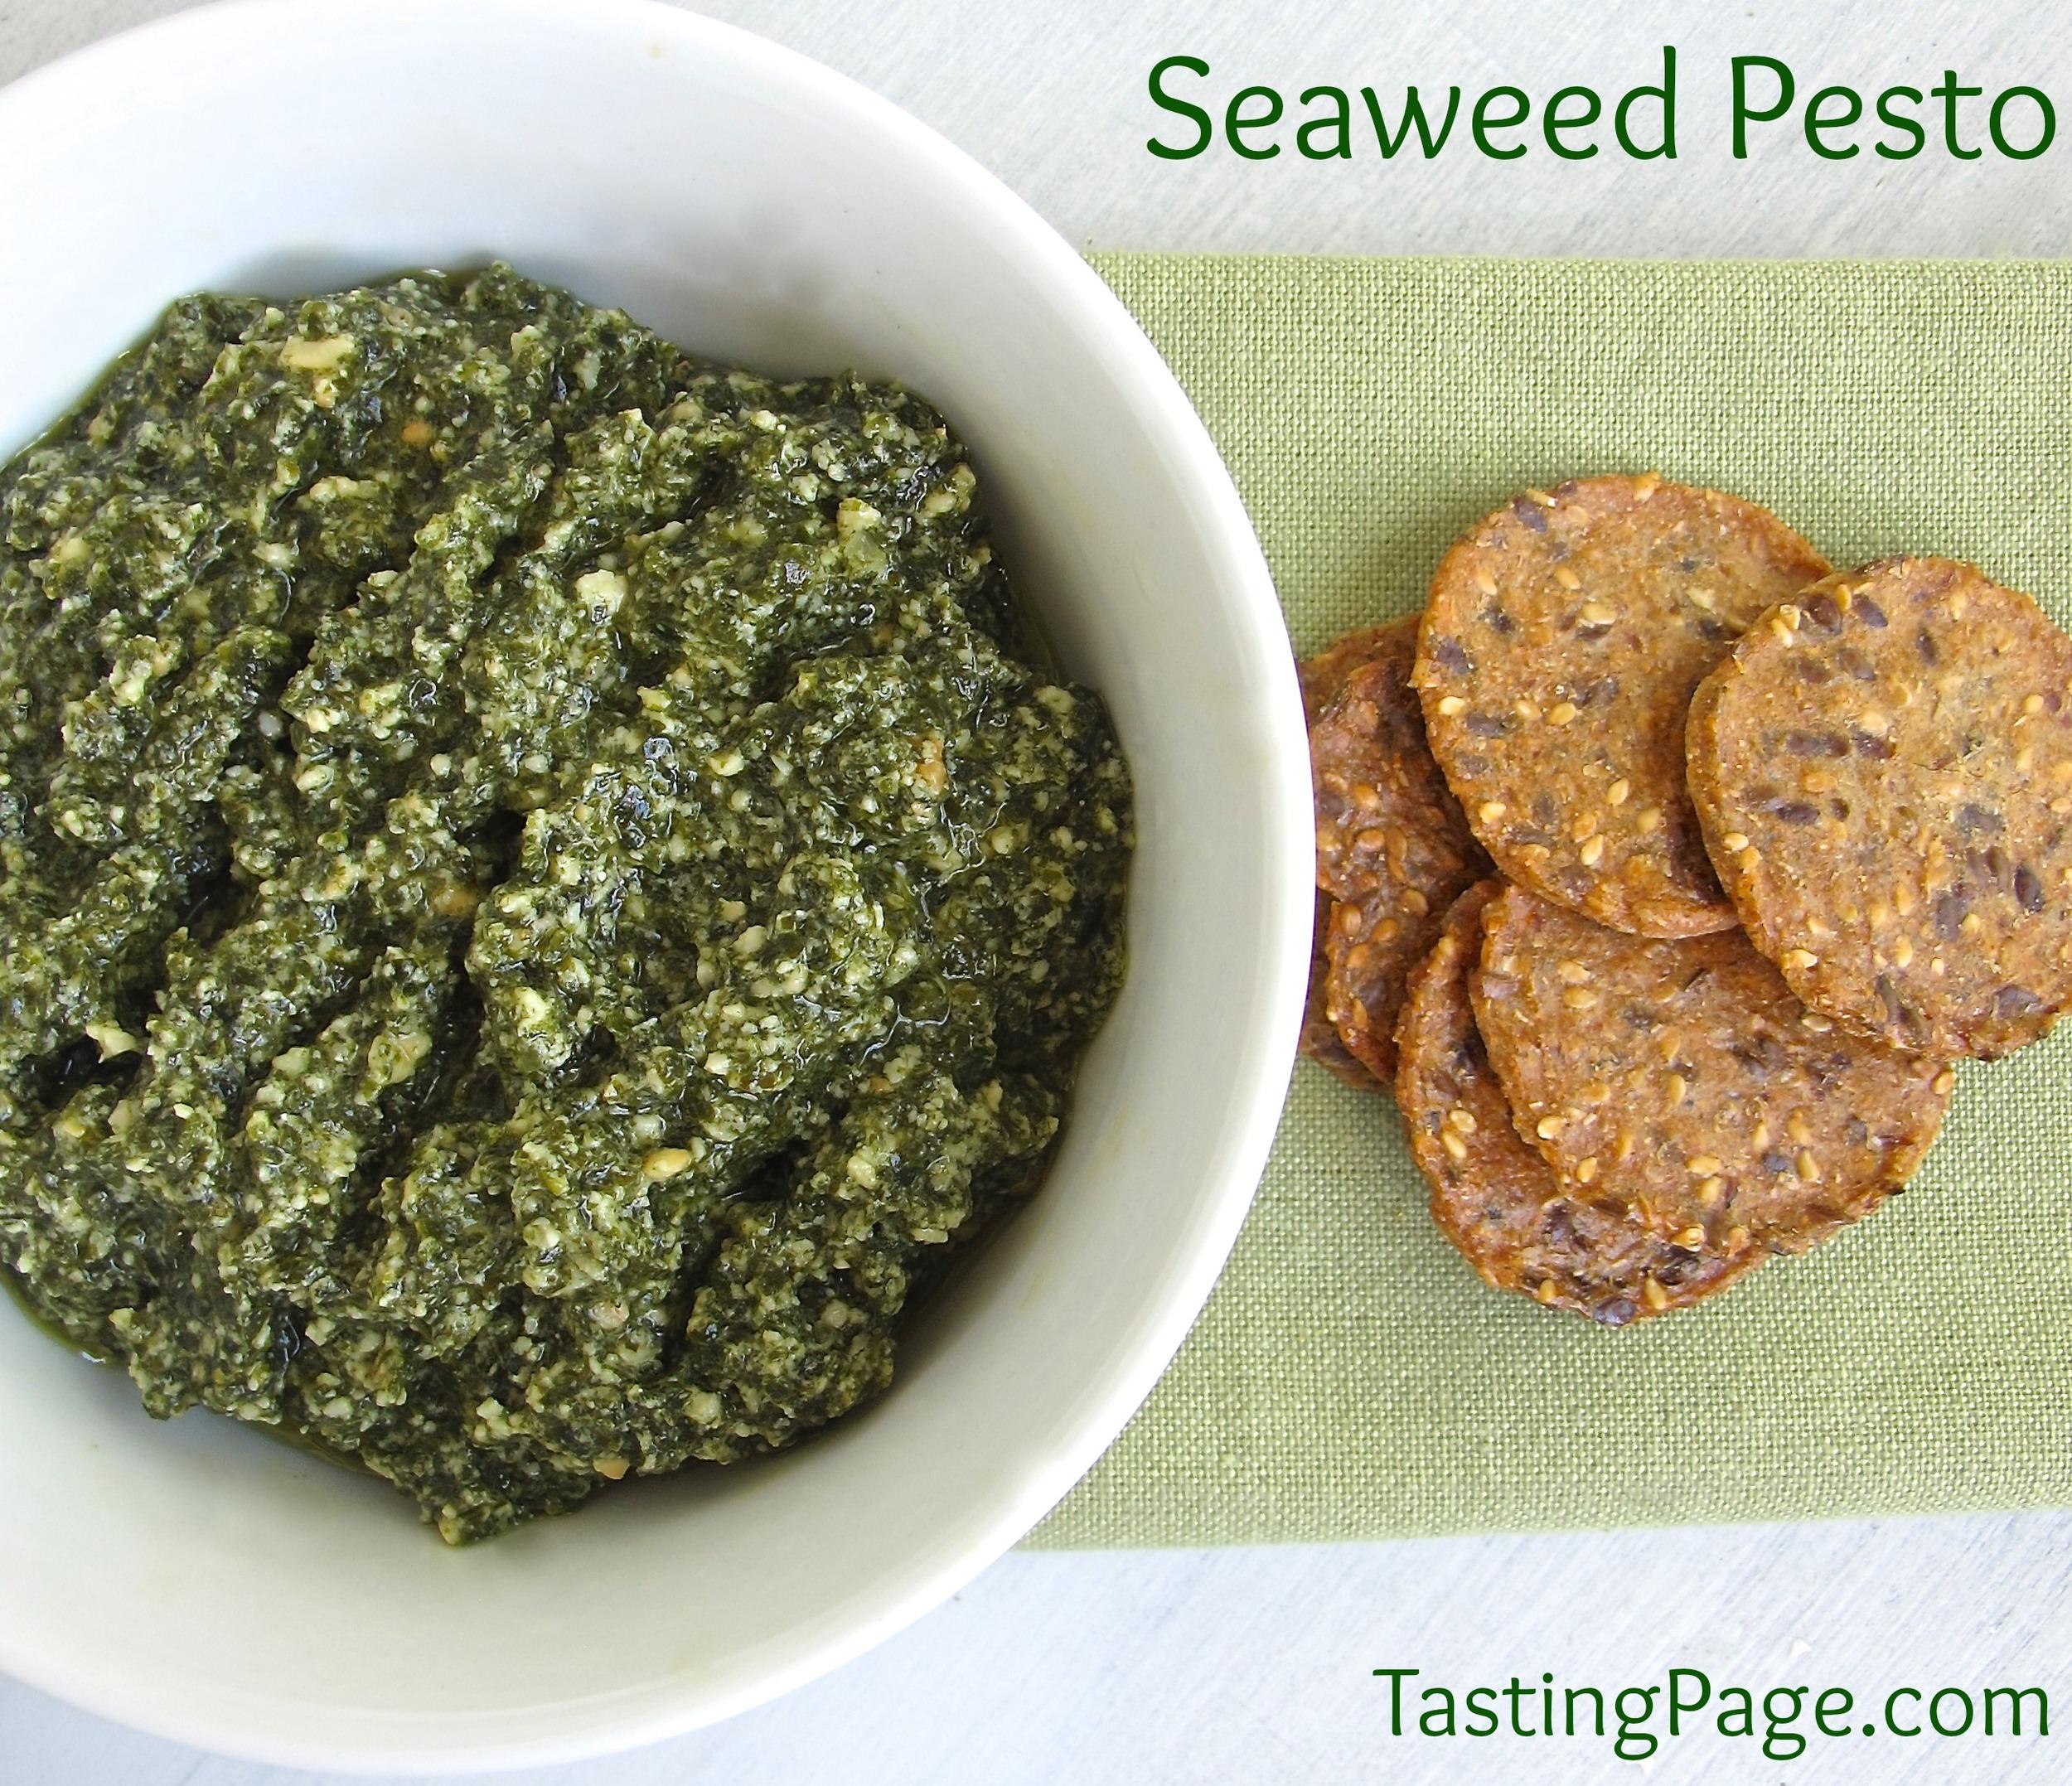 seaweed pesto